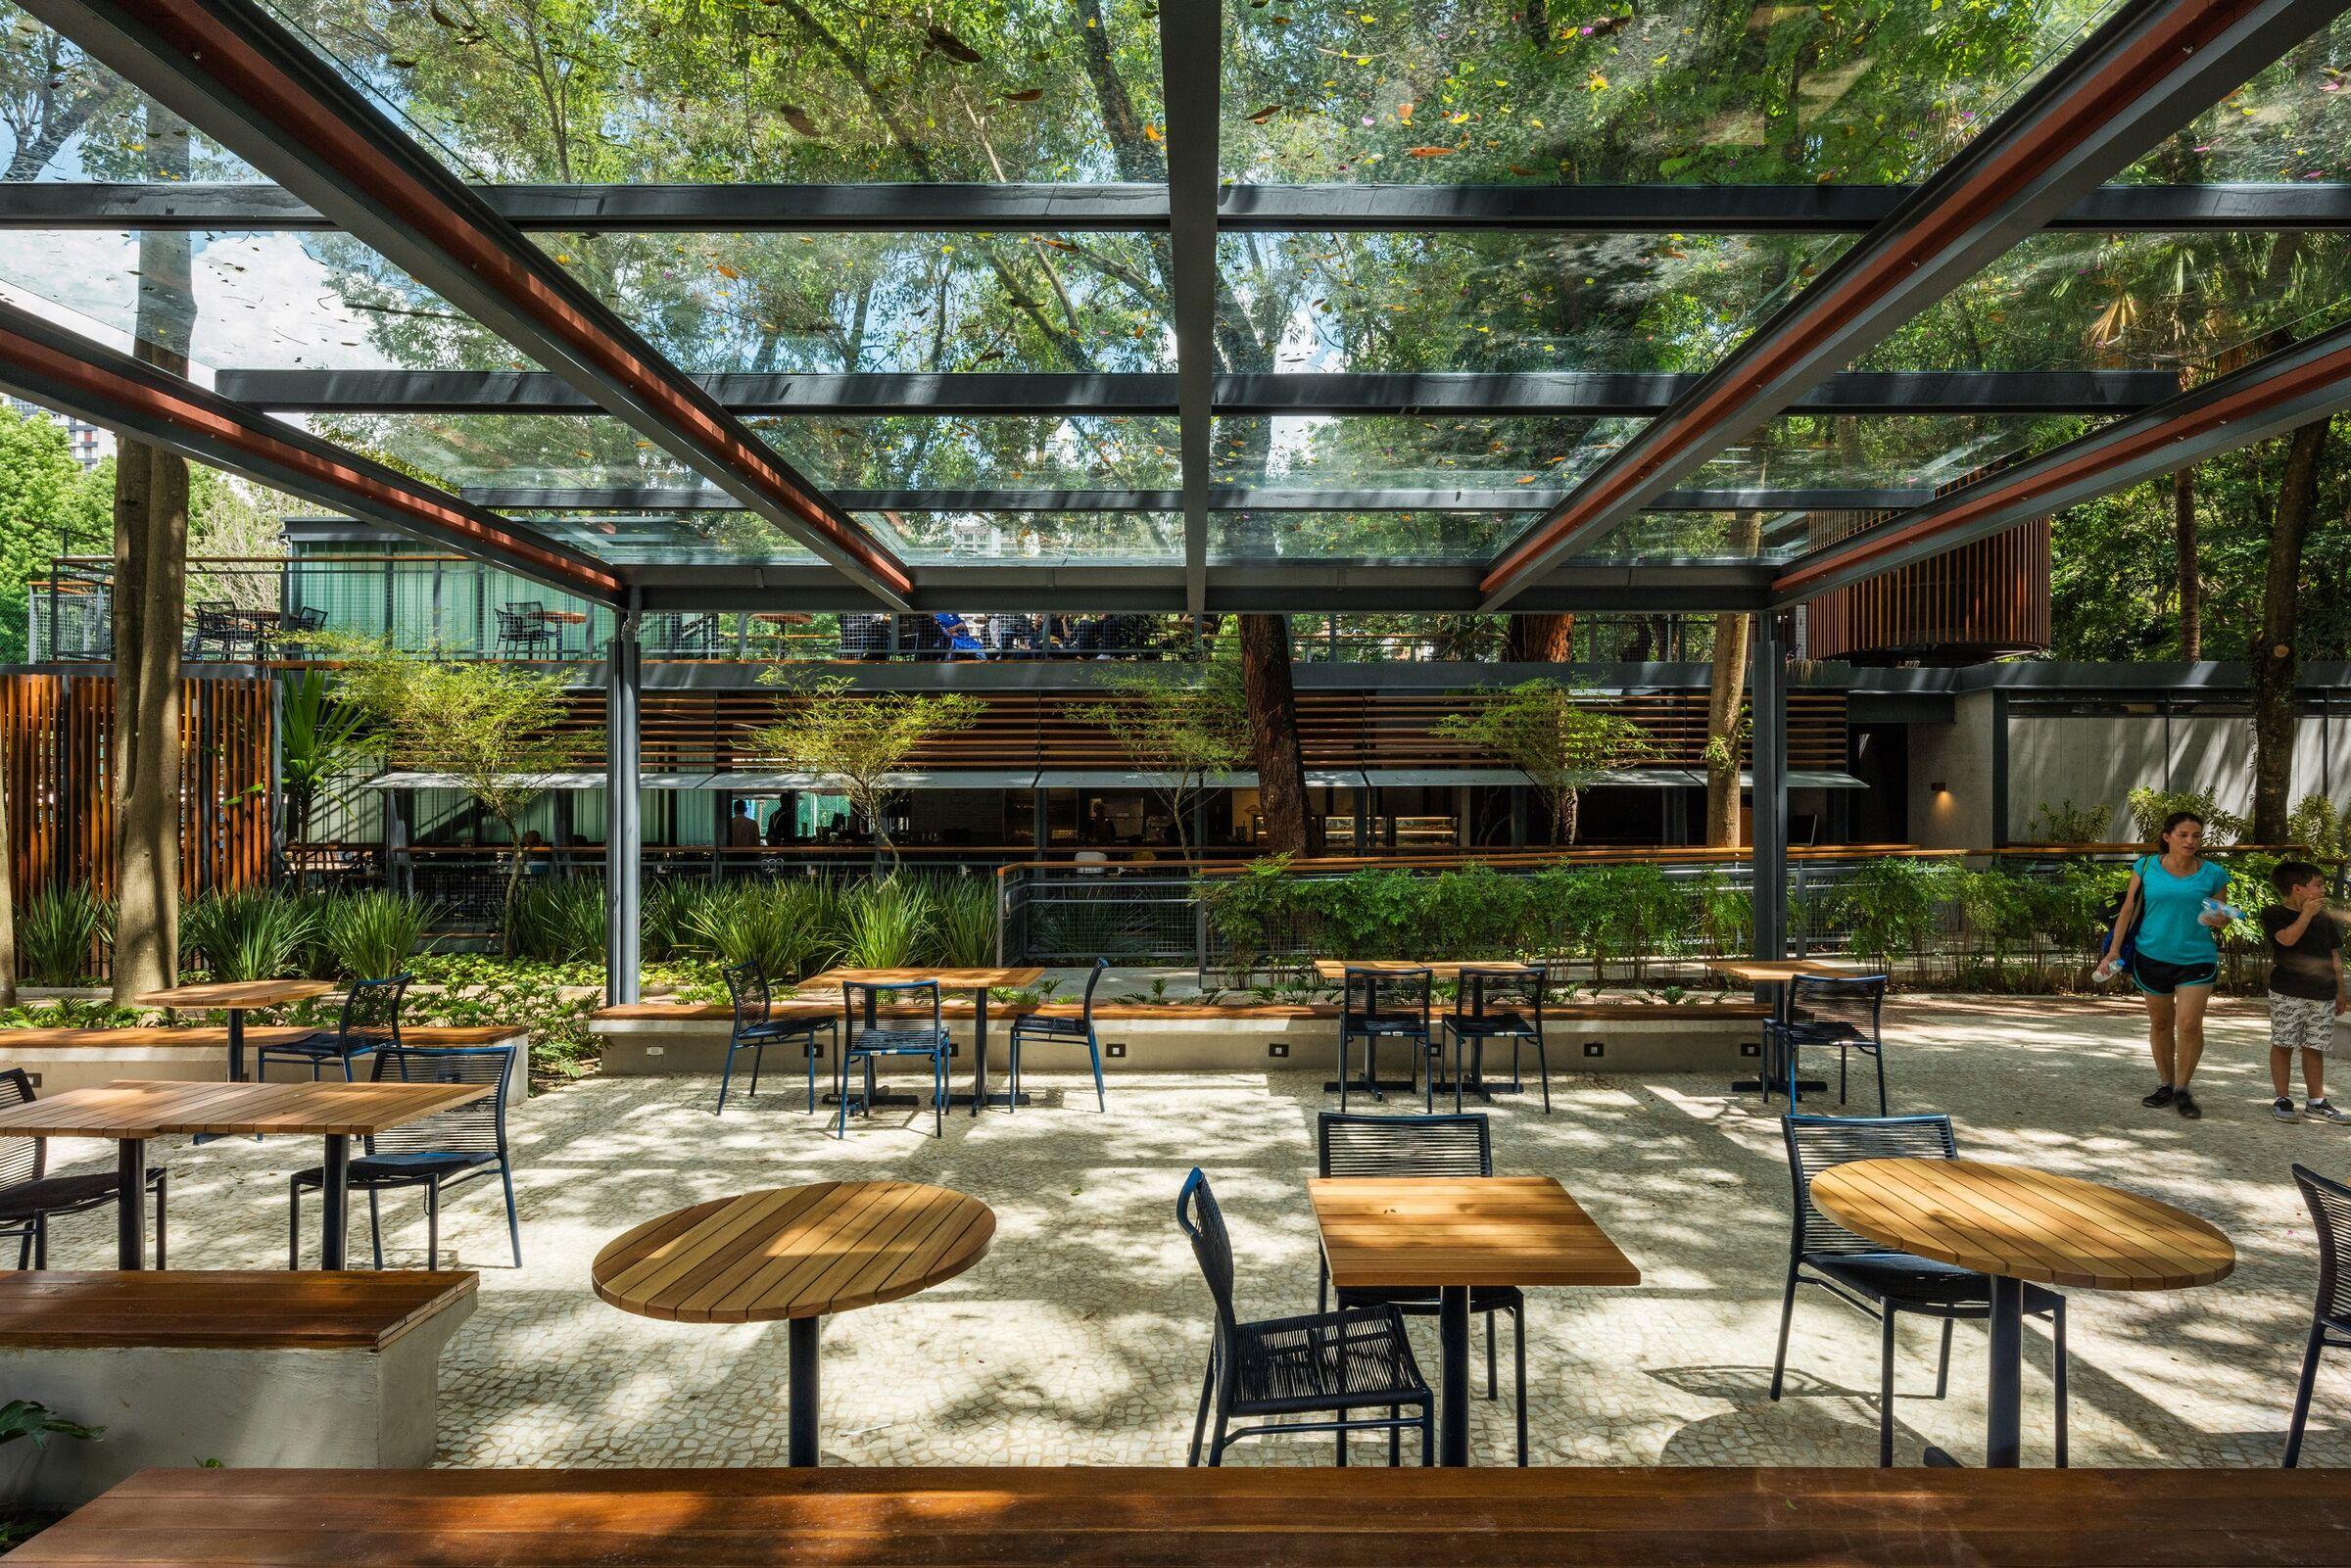 mau quan cafe cay xanh dep hinh that 3 Mẫu thiết kế quán cafe sân vườn đẹp giúp kinh doanh sinh lời giữ chân khách hàng trung thành